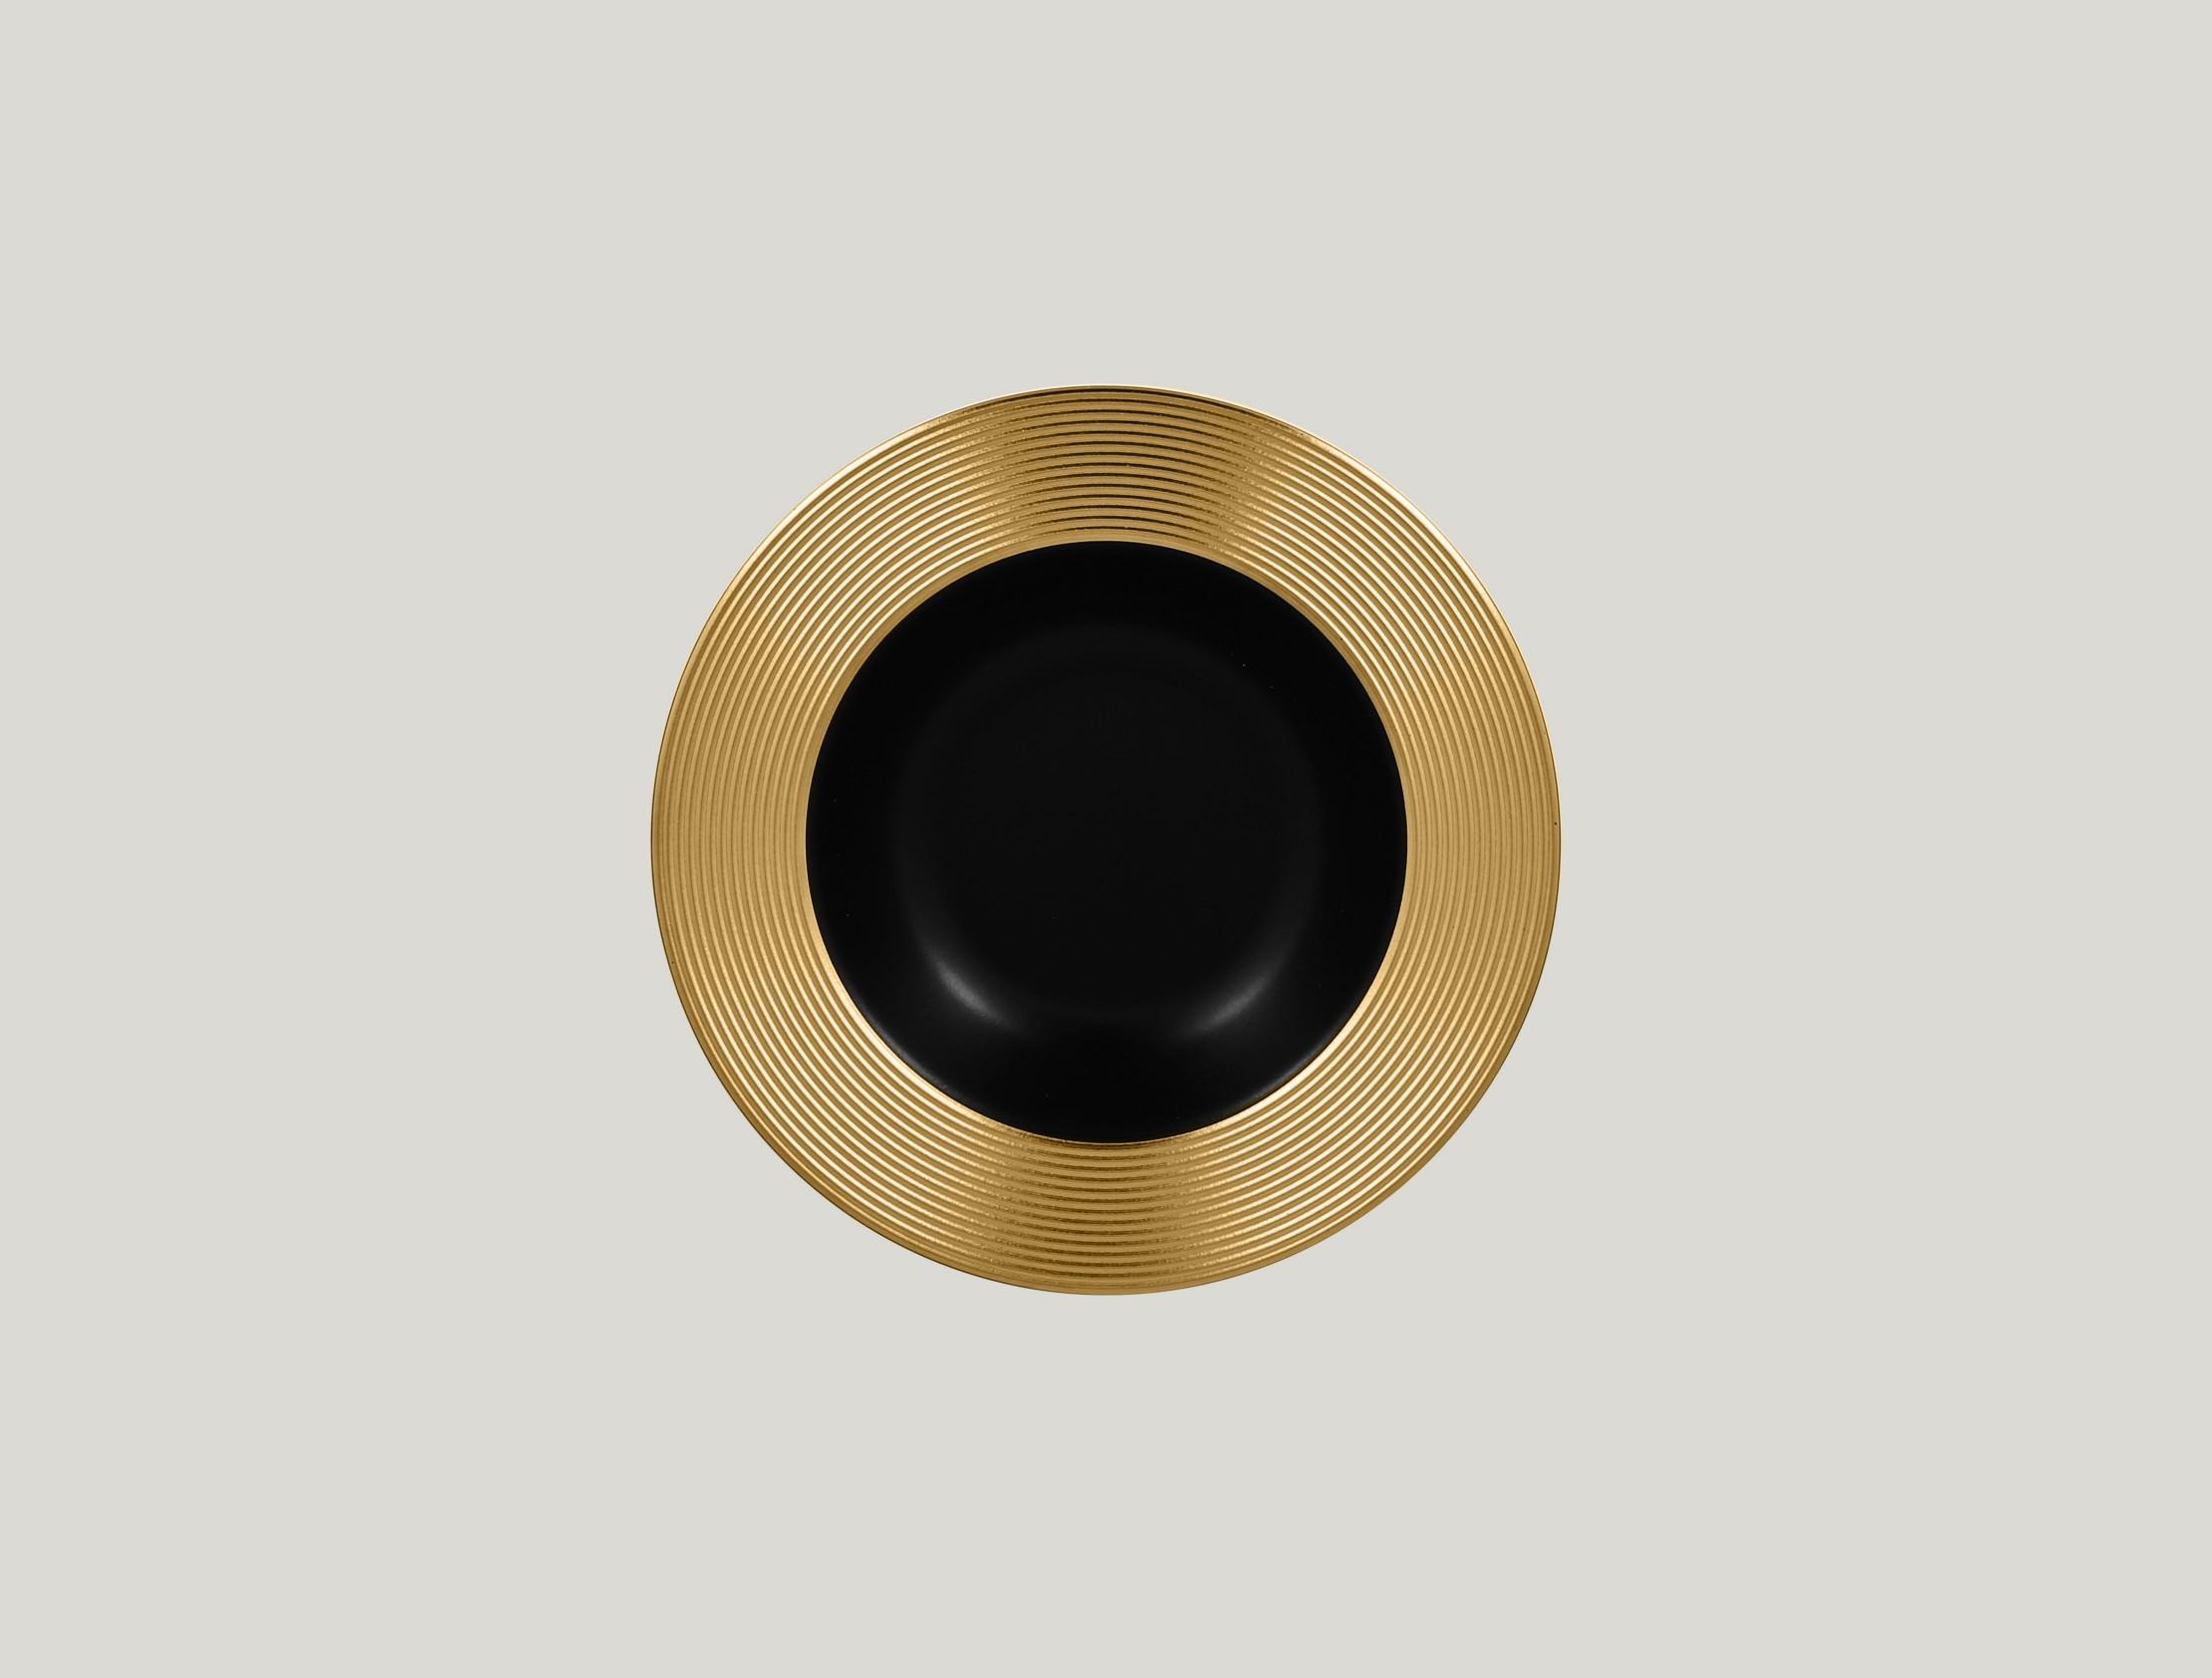 Hluboký talíř - gold ANTIC